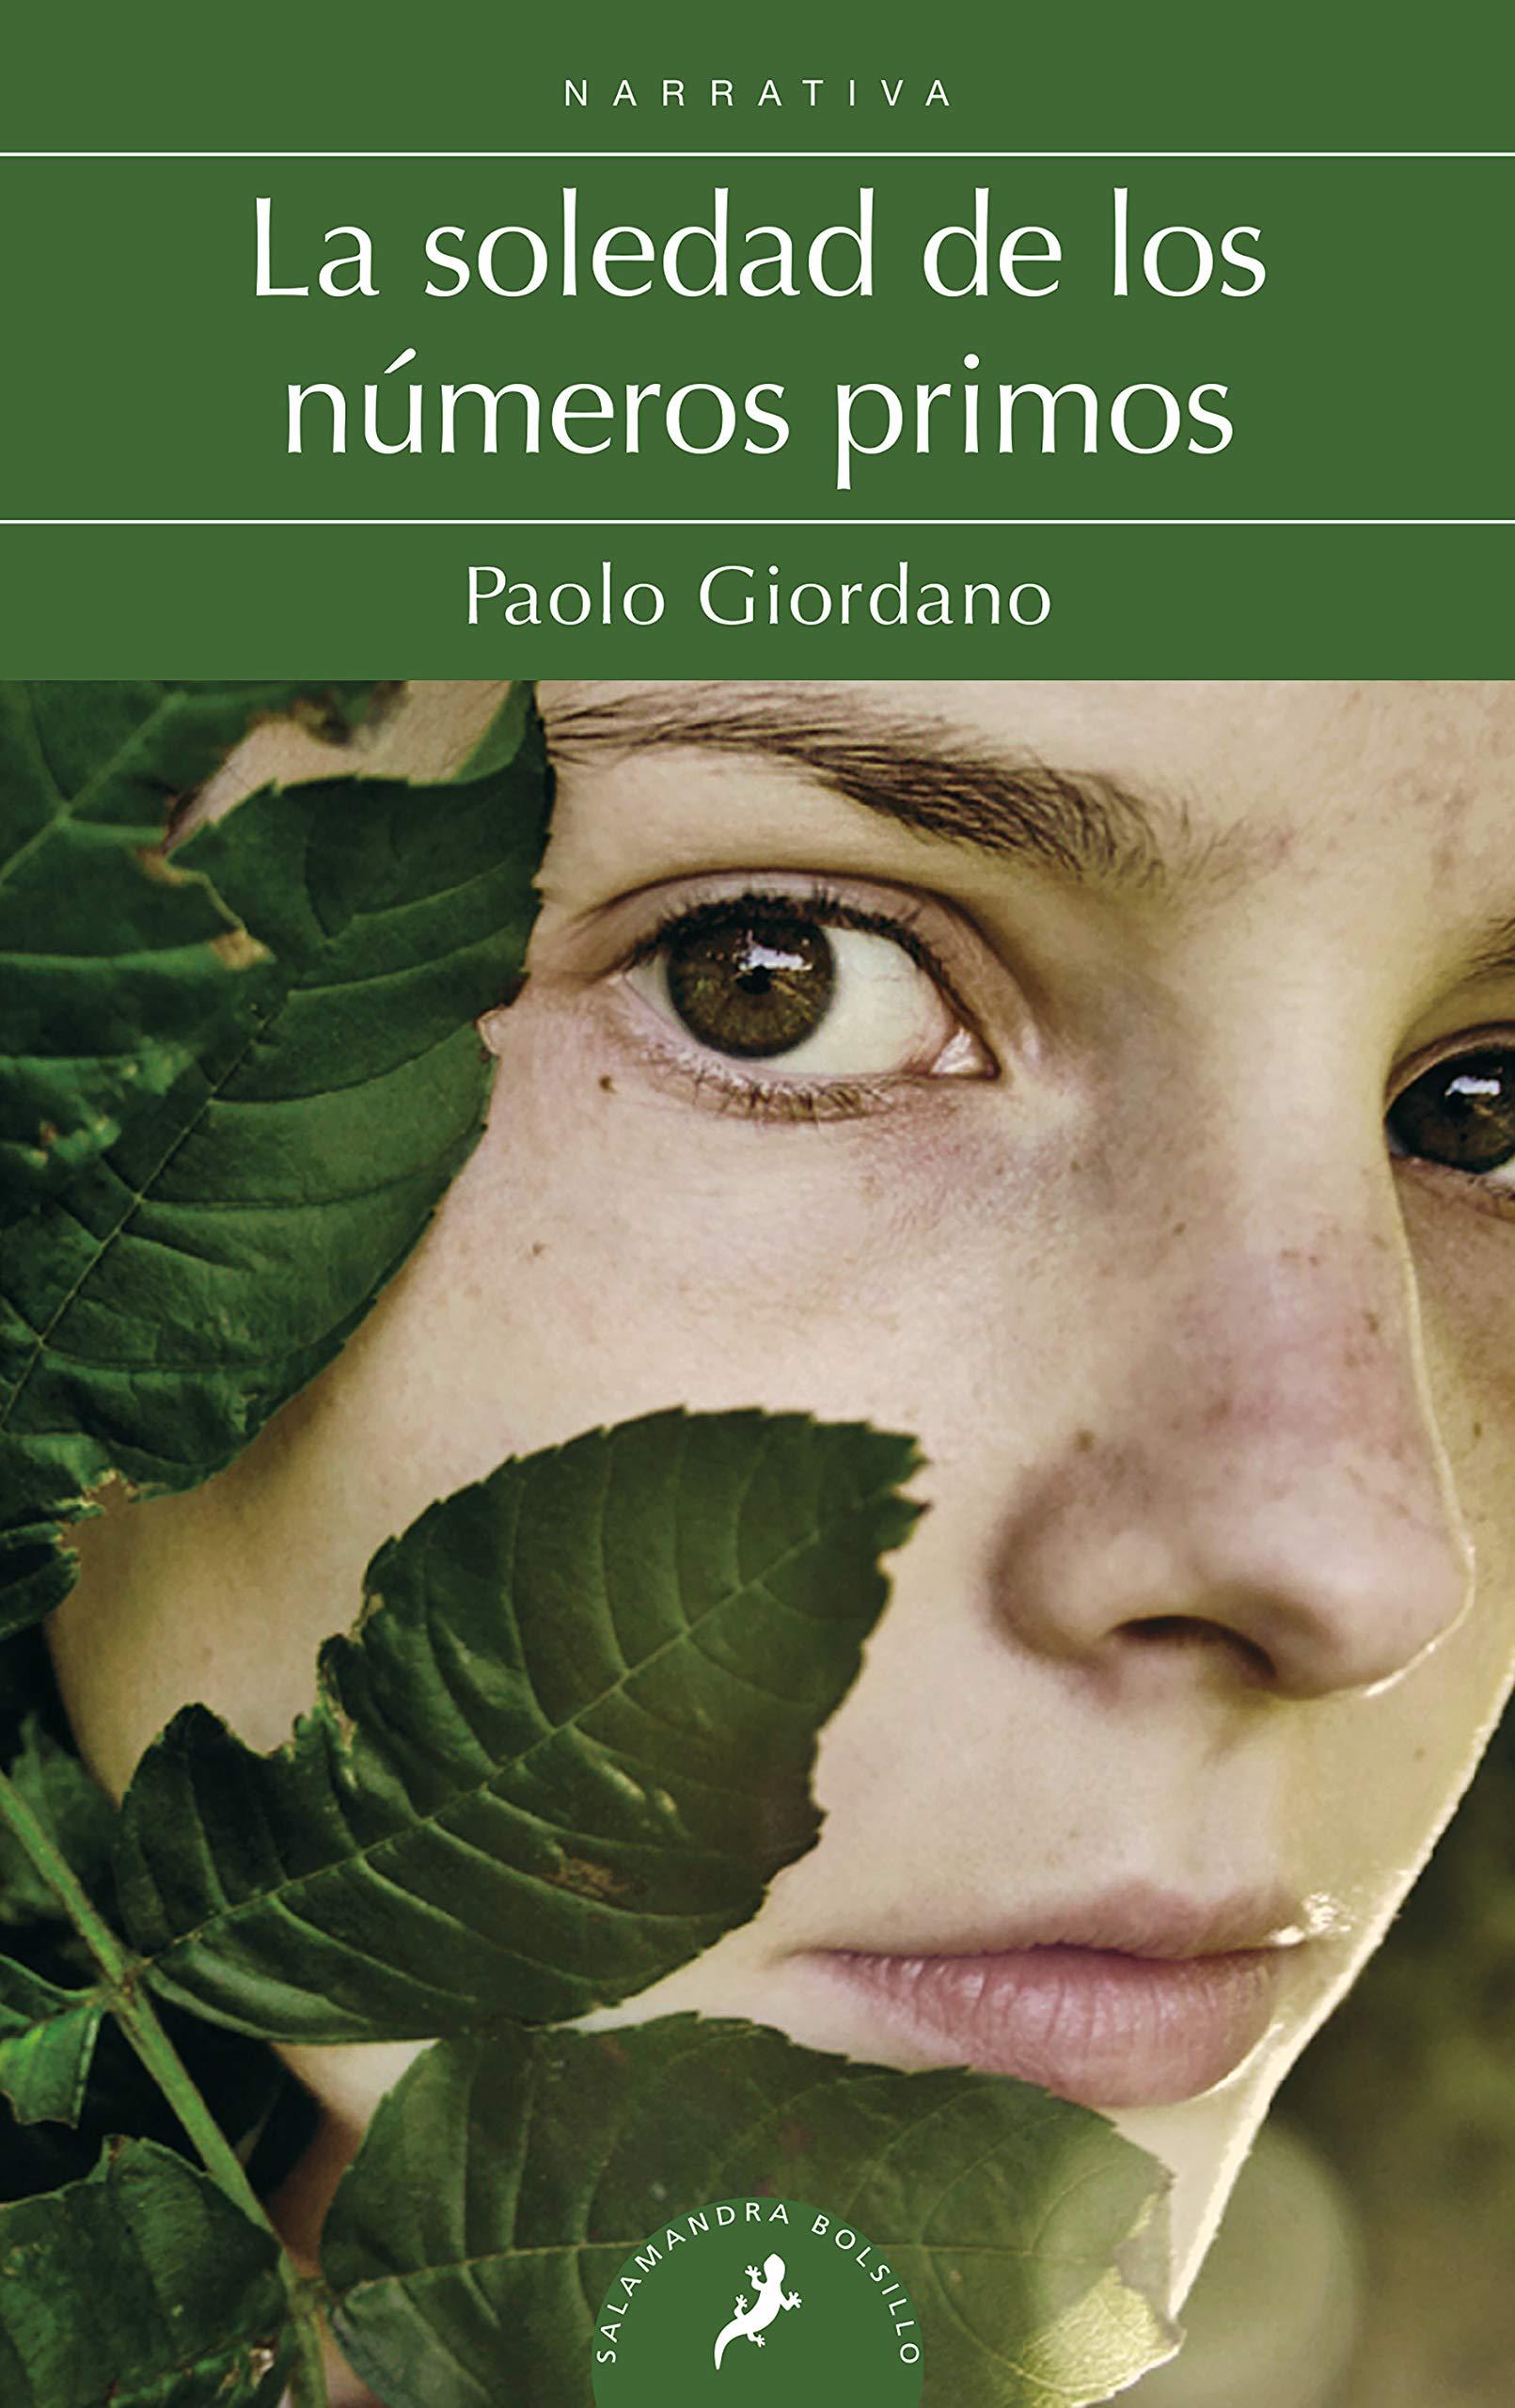 Soledad de los números primos (Salamandra Bolsillo): Amazon.es: Giordano, Paolo: Libros